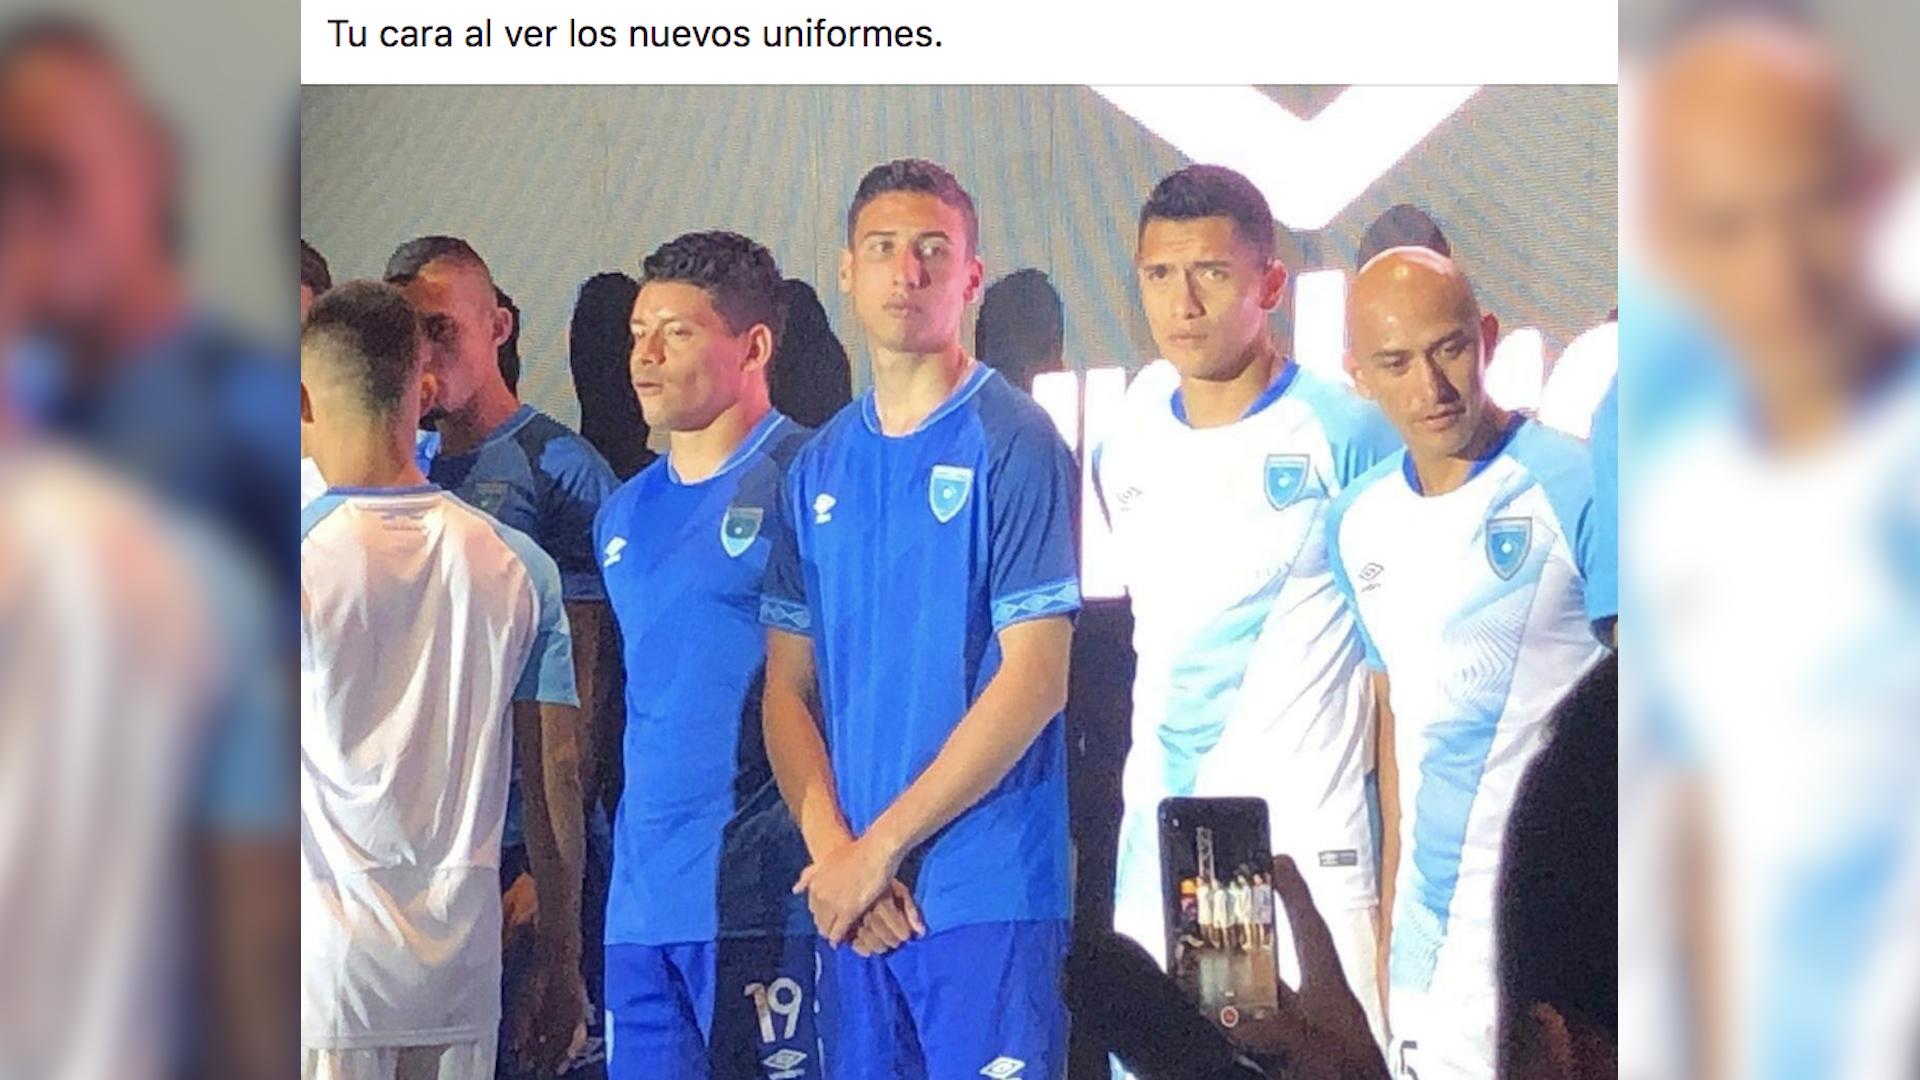 El nuestro diseño de la camisola de la Bicolor causo sorpresa y rechazo por parte de los aficionados al futbol guatemalteco. (Foto Prensa Libre: Redes)